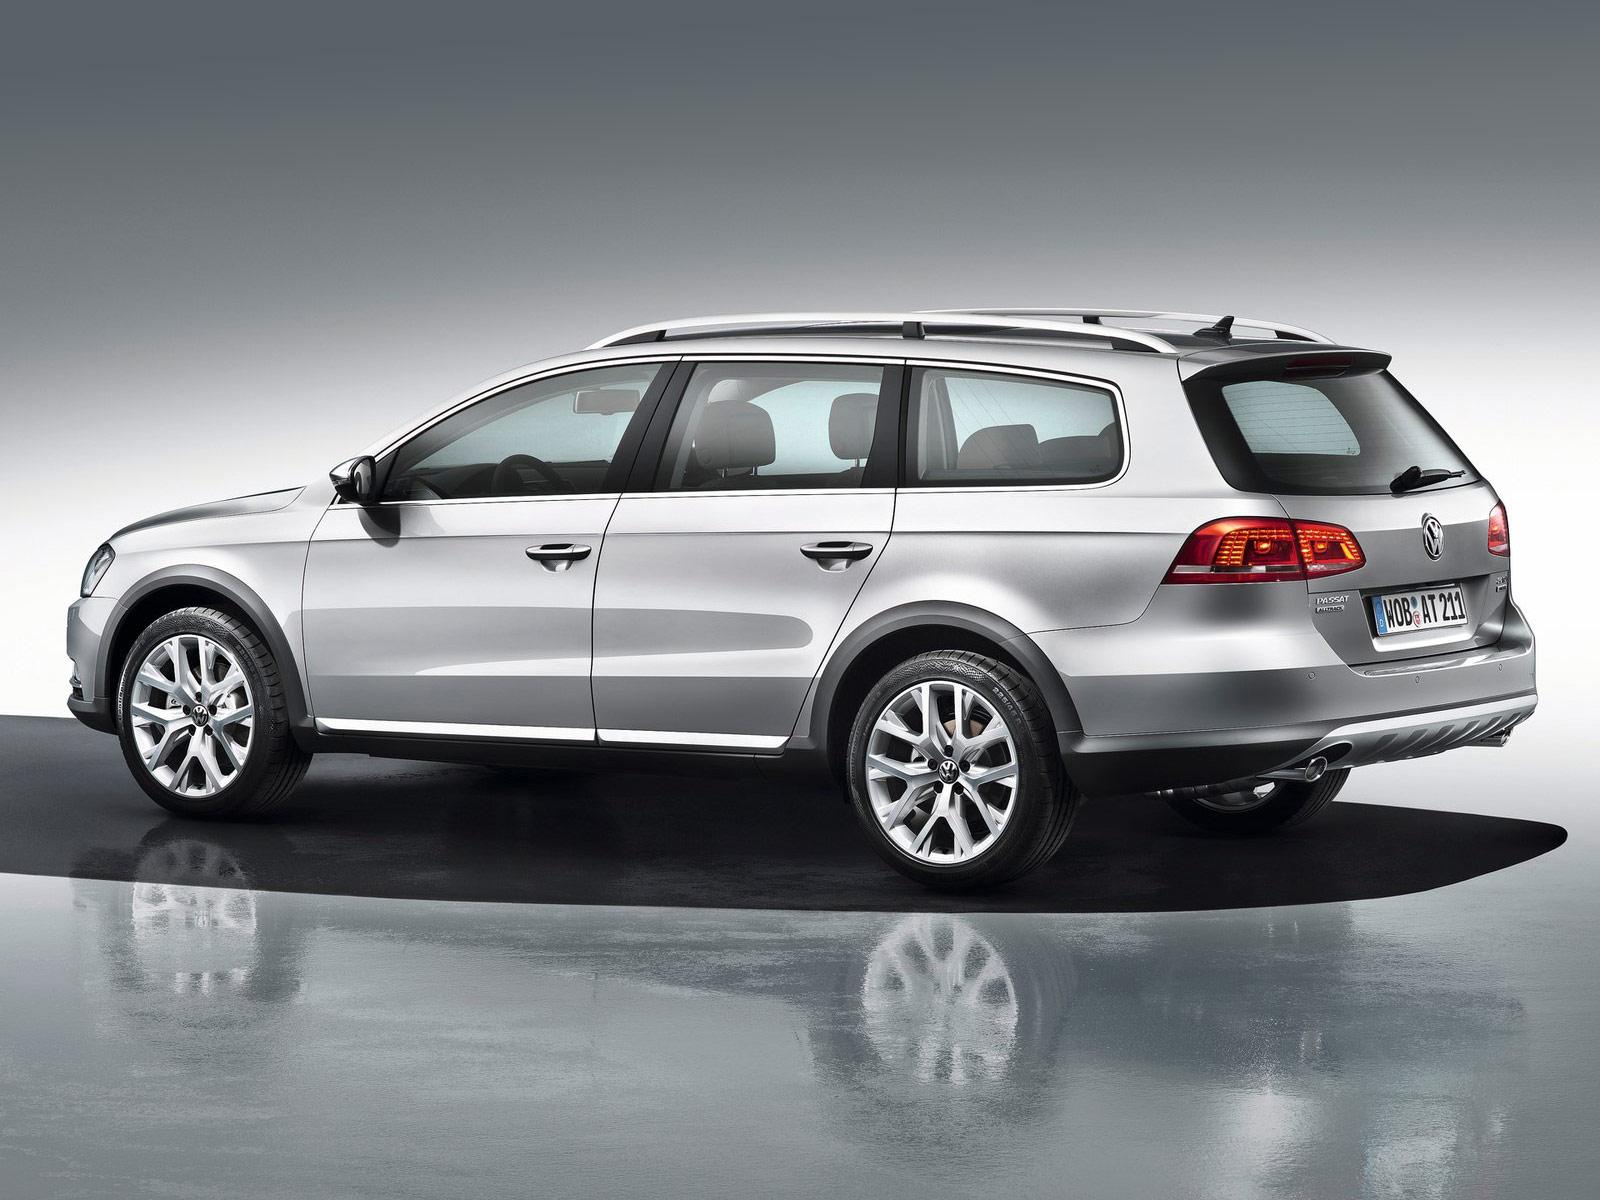 2013 Volkswagen Passat Alltrack car desktop wallpaper Auto Trends